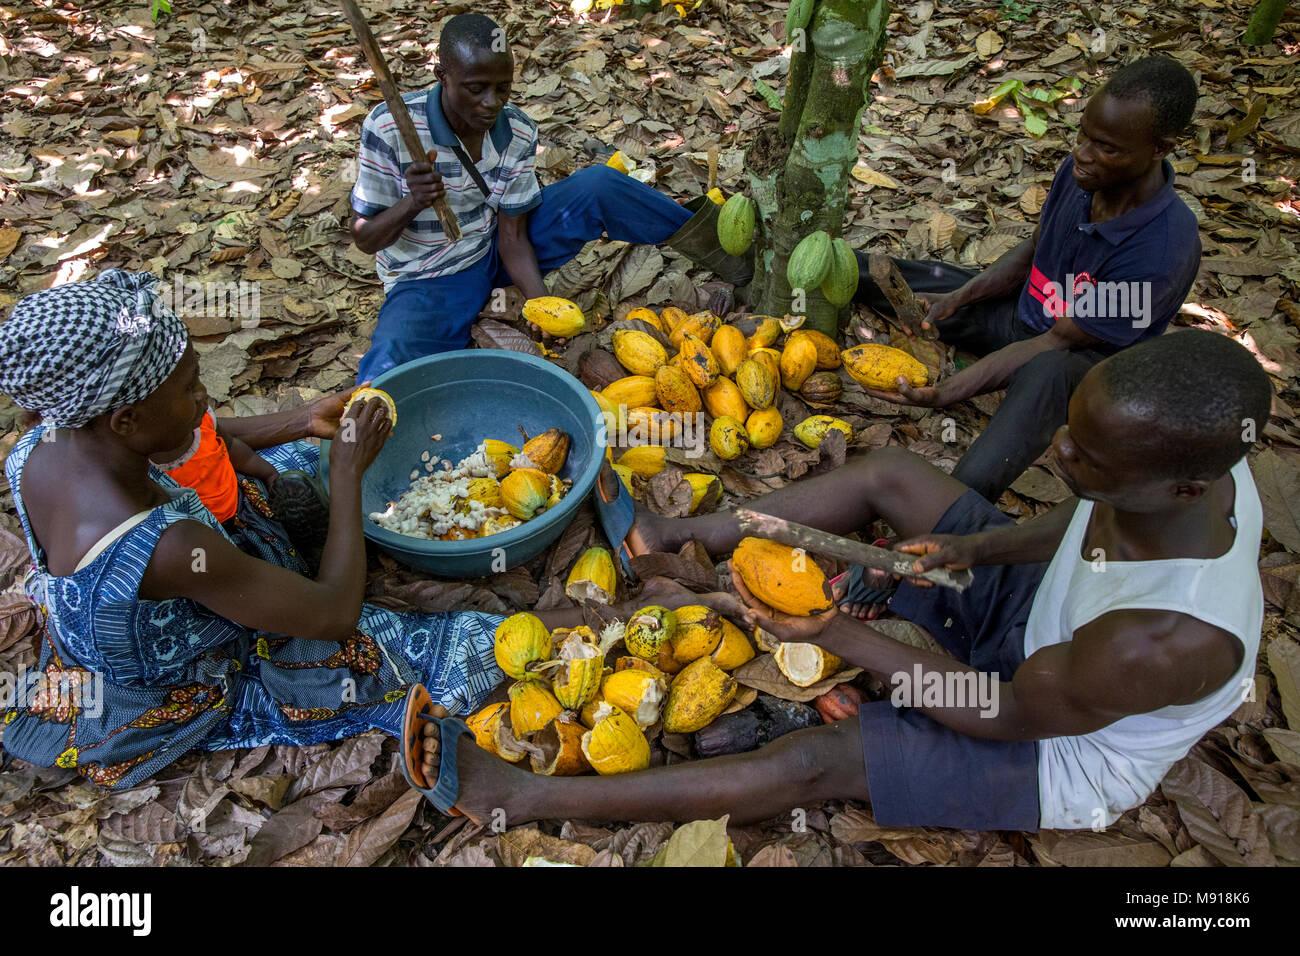 Côte d'Ivoire. Die Landwirte sich brechen Kakaofrüchte geerntet. Stockbild